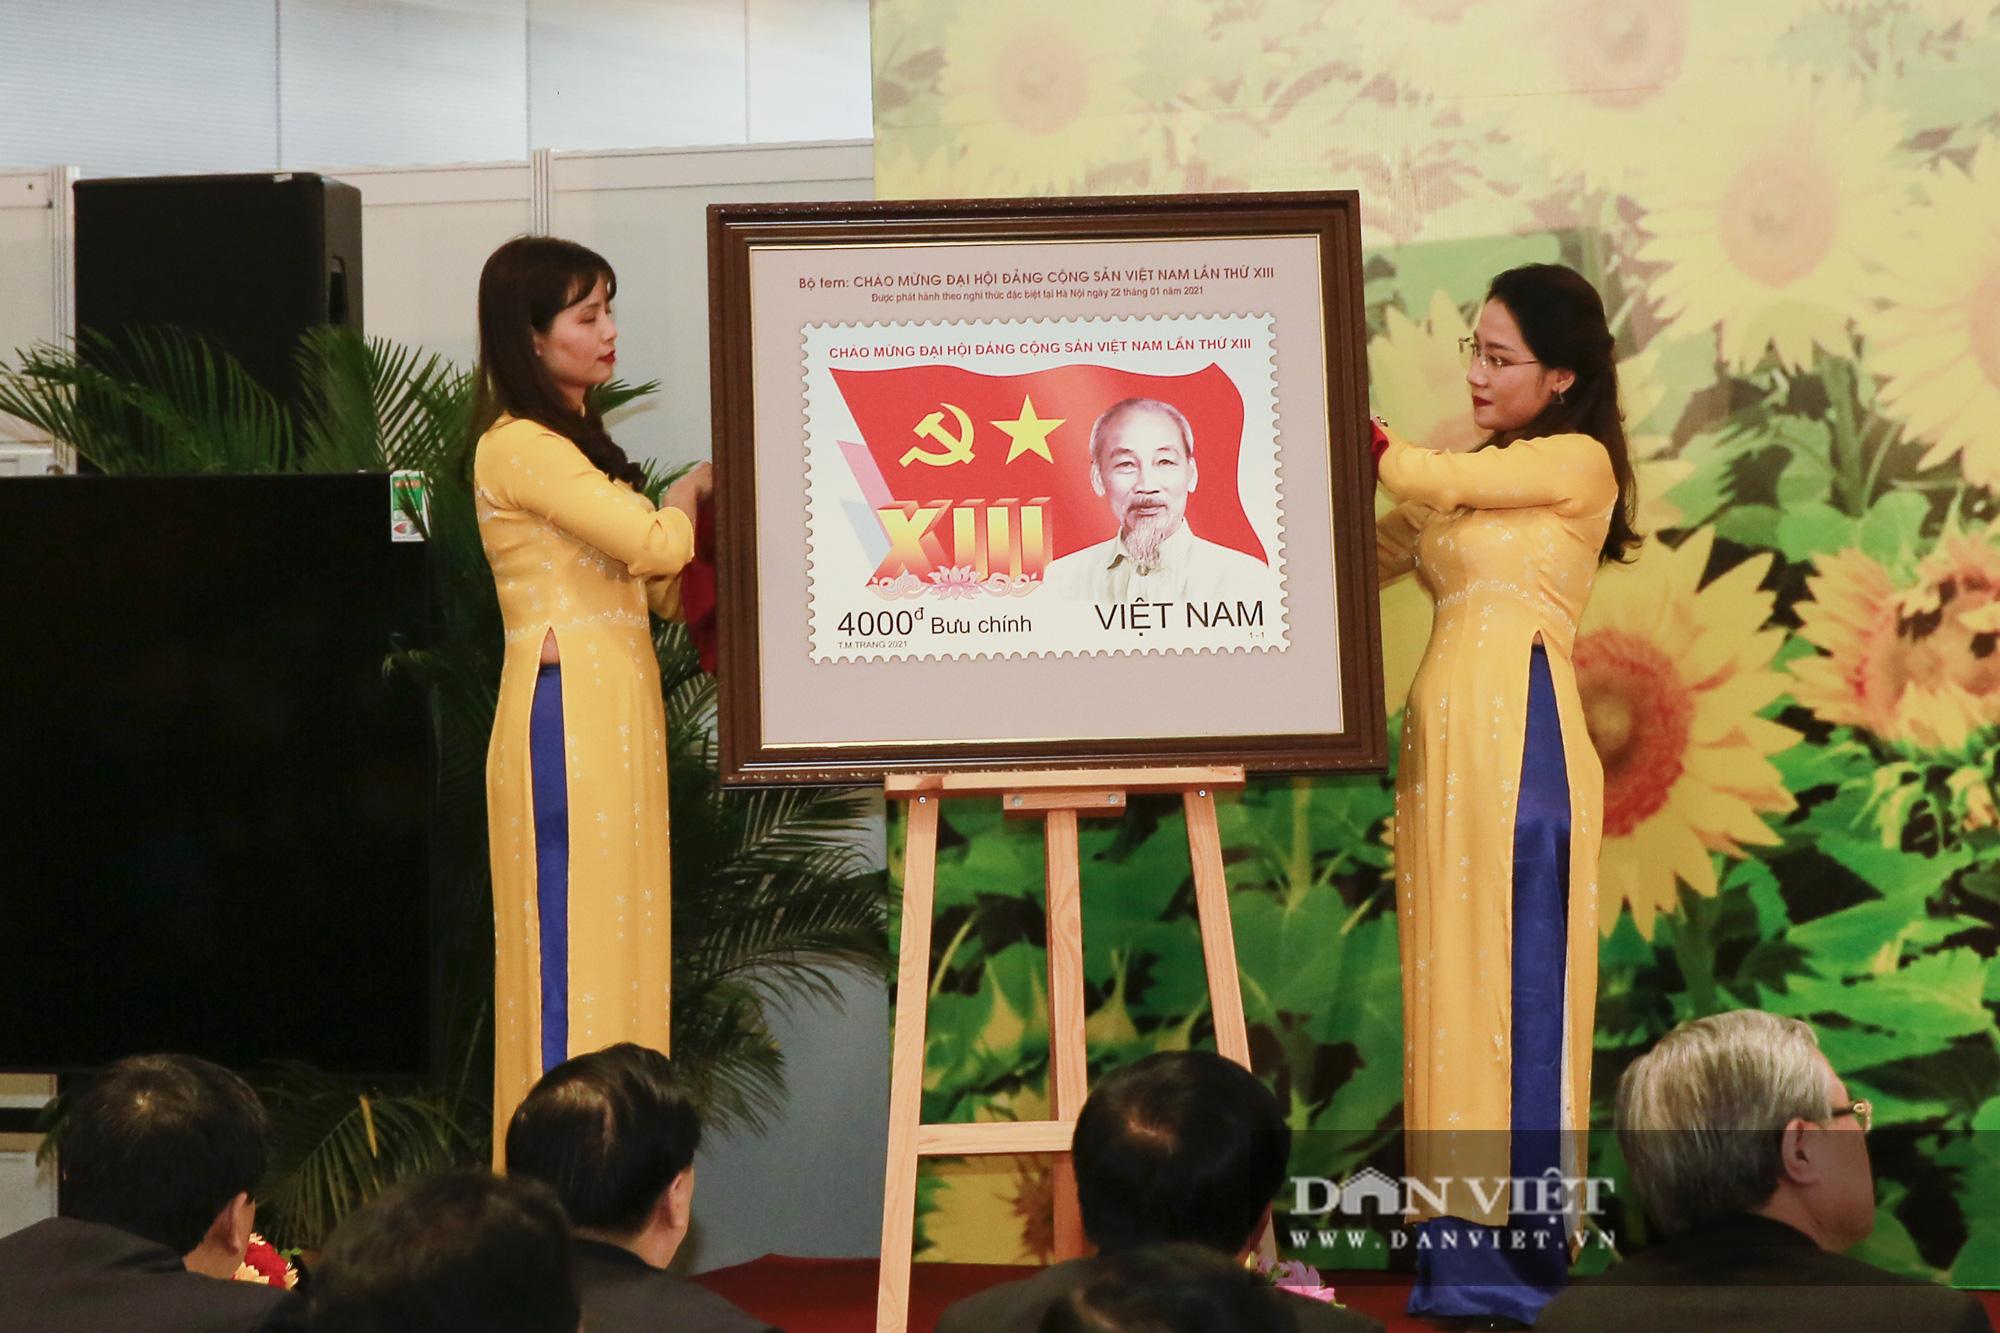 Chính thức phát hành bộ tem bưu chính đặc biệt chào mừng Đại hội Đảng XIII - Ảnh 2.